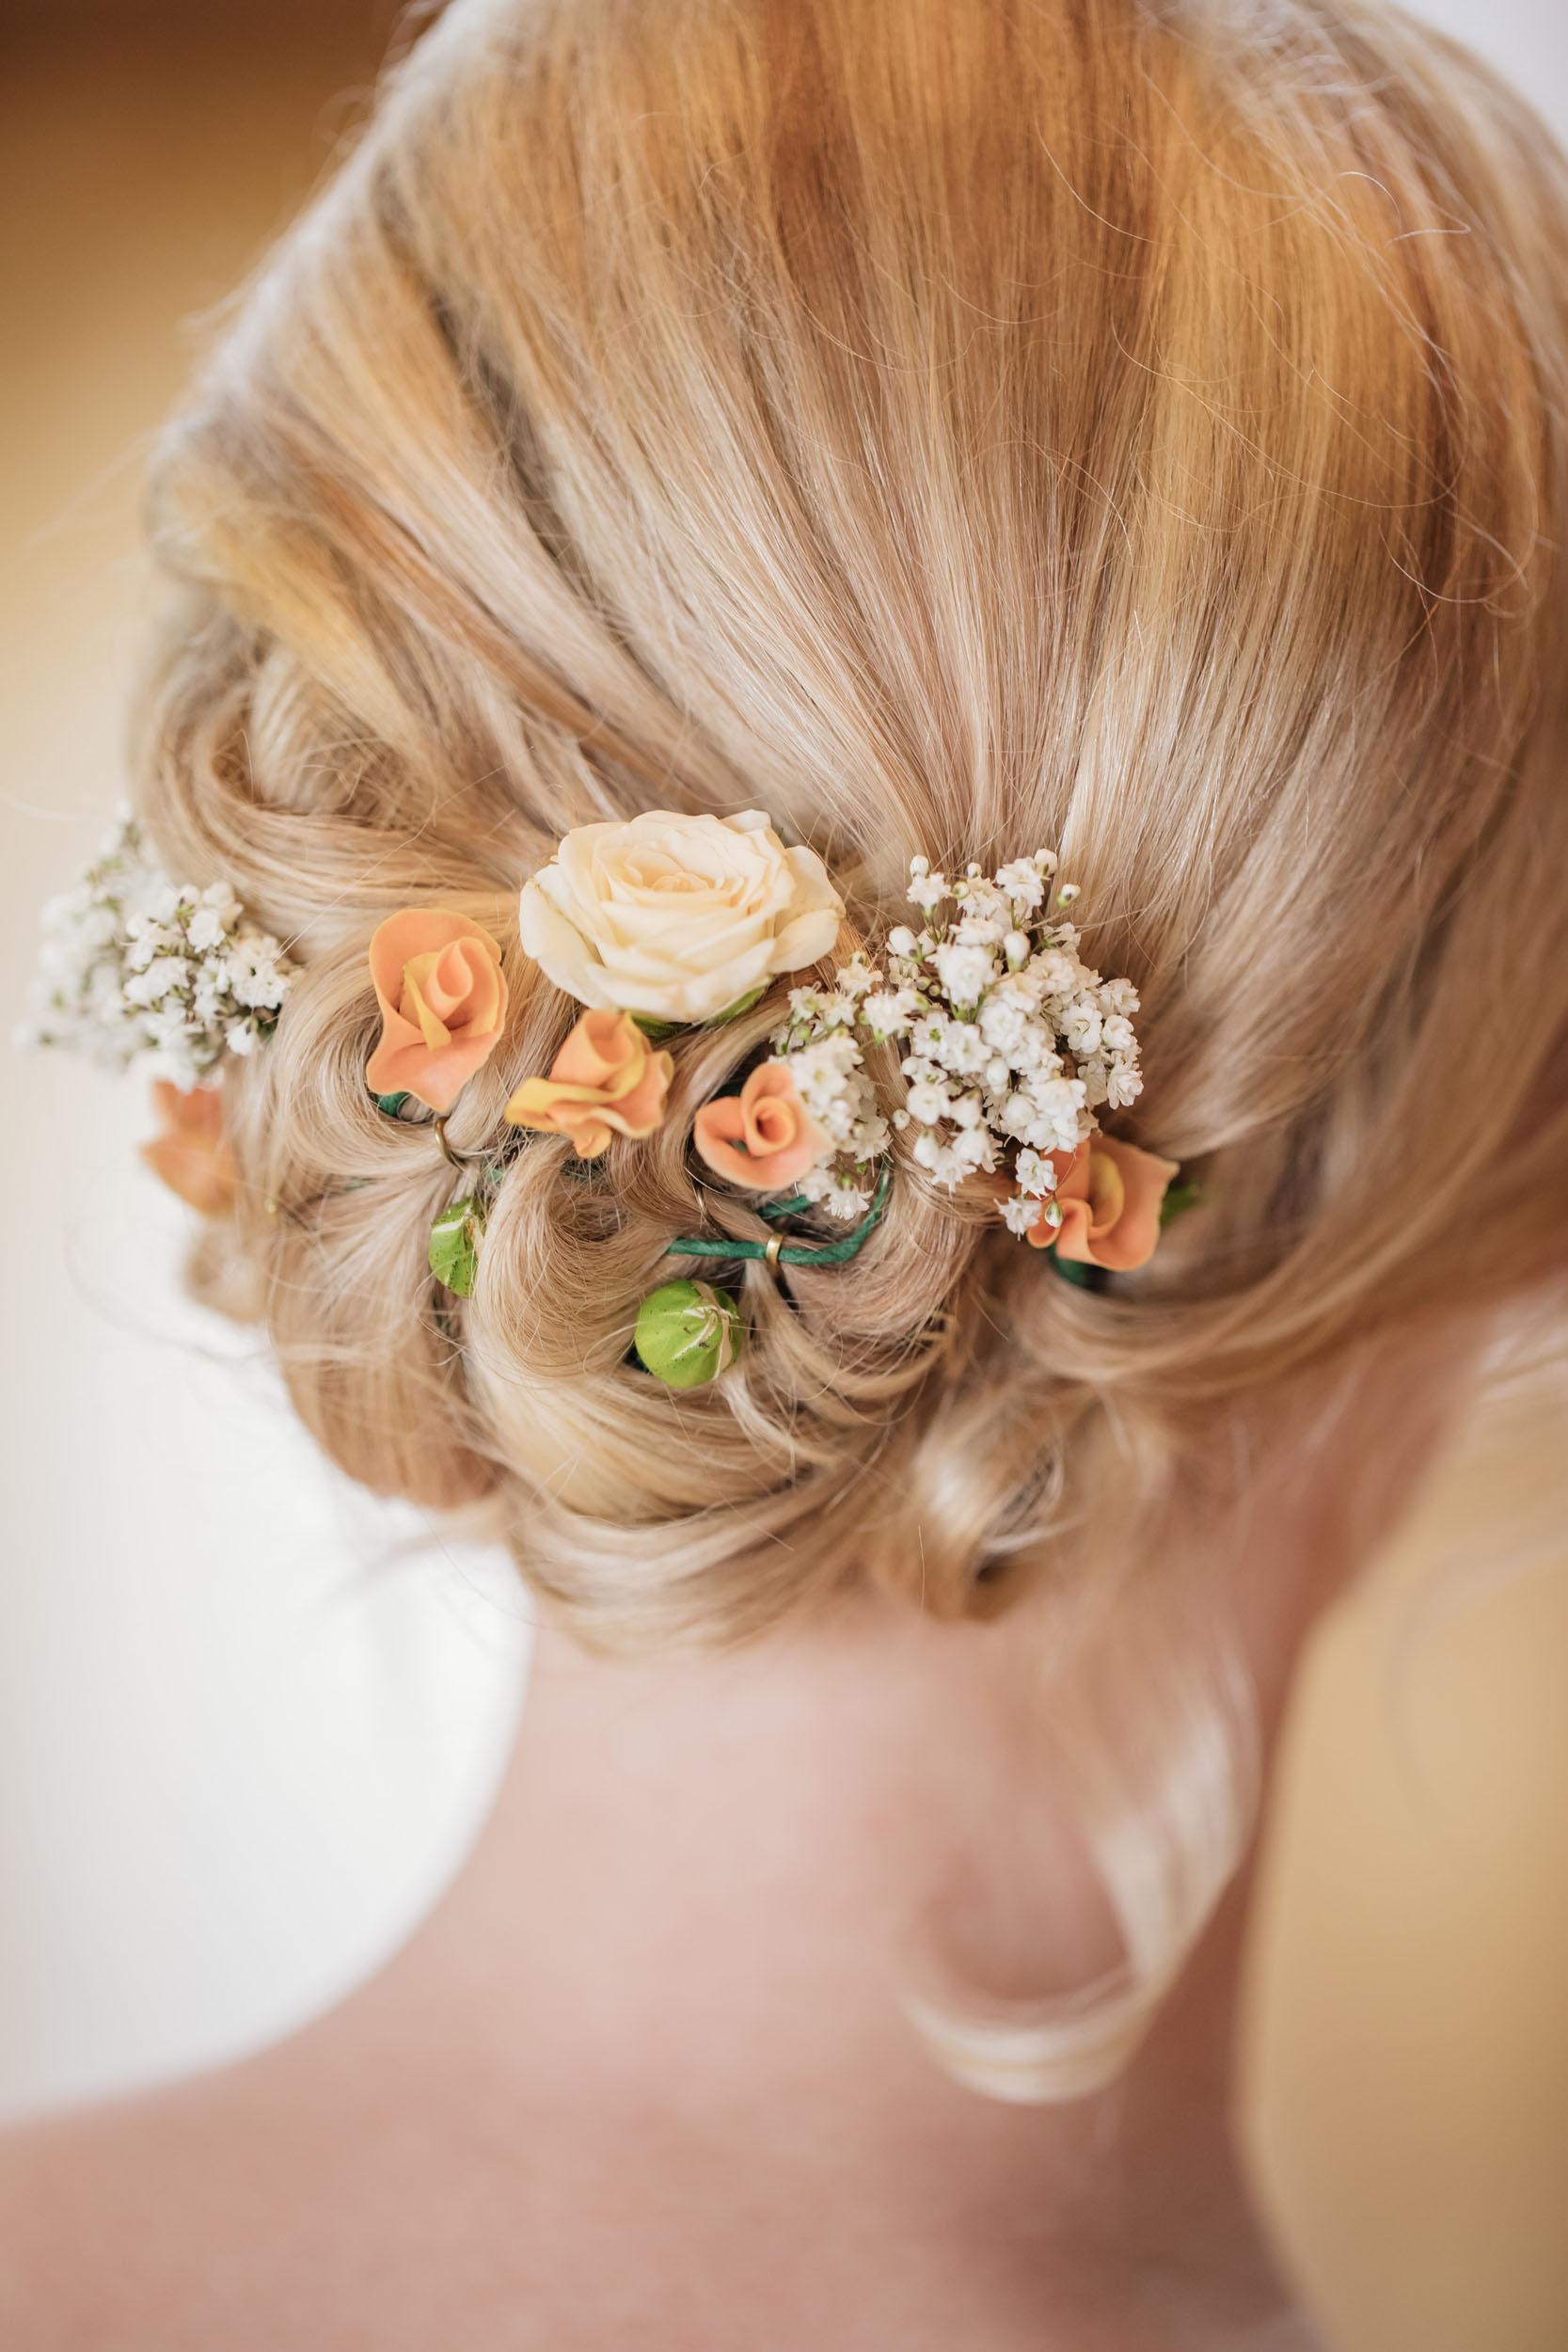 Christine & Robert - Blumen im Haar